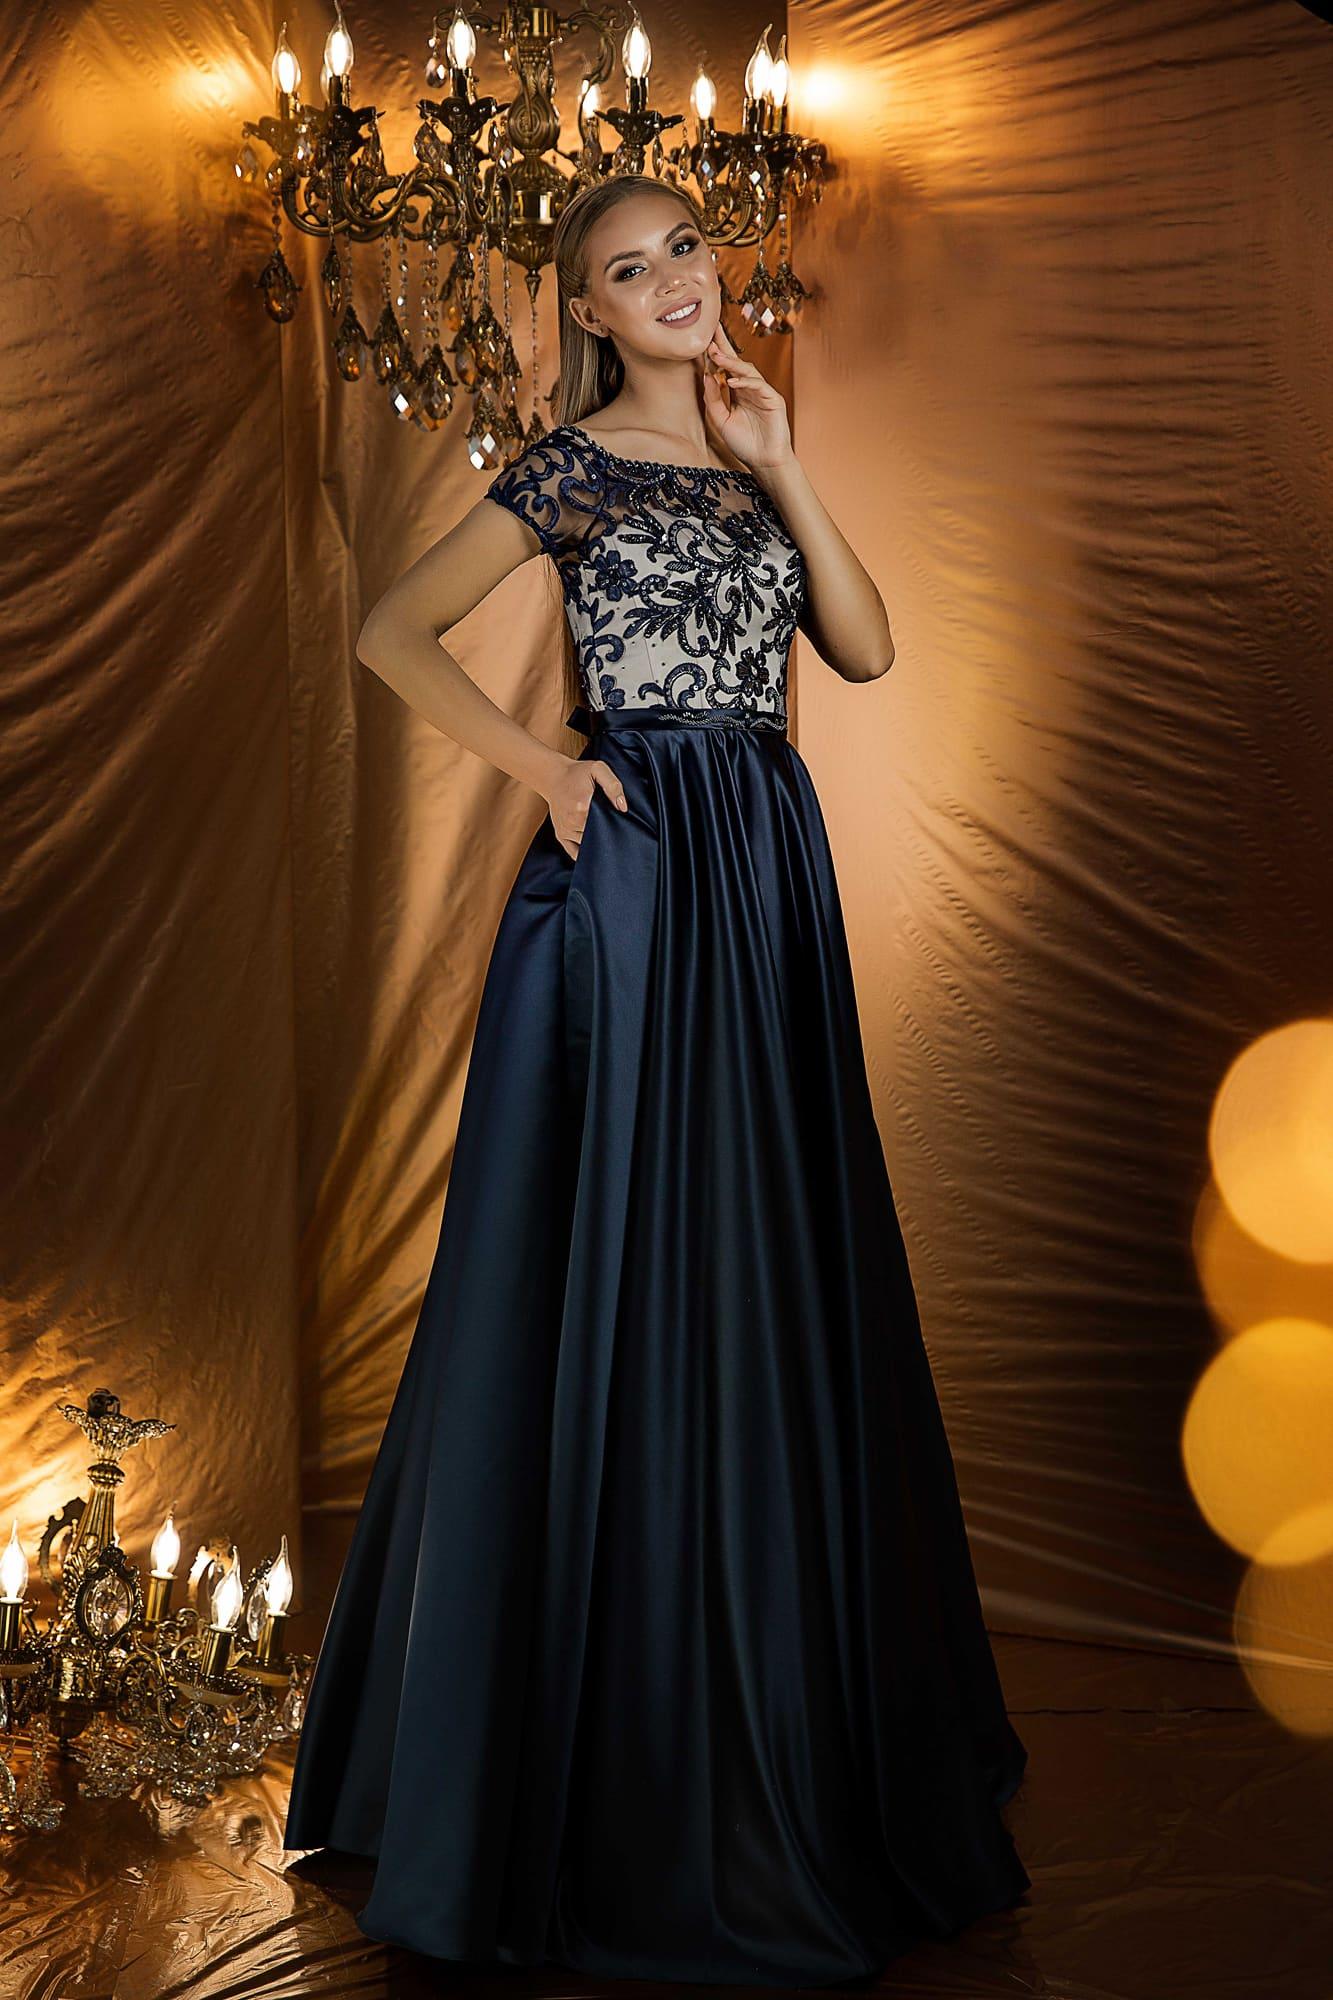 971bfcd099c Вечернее платье Valentina Gladun Corni ▷ Свадебный Торговый Центр Вега в  Москве